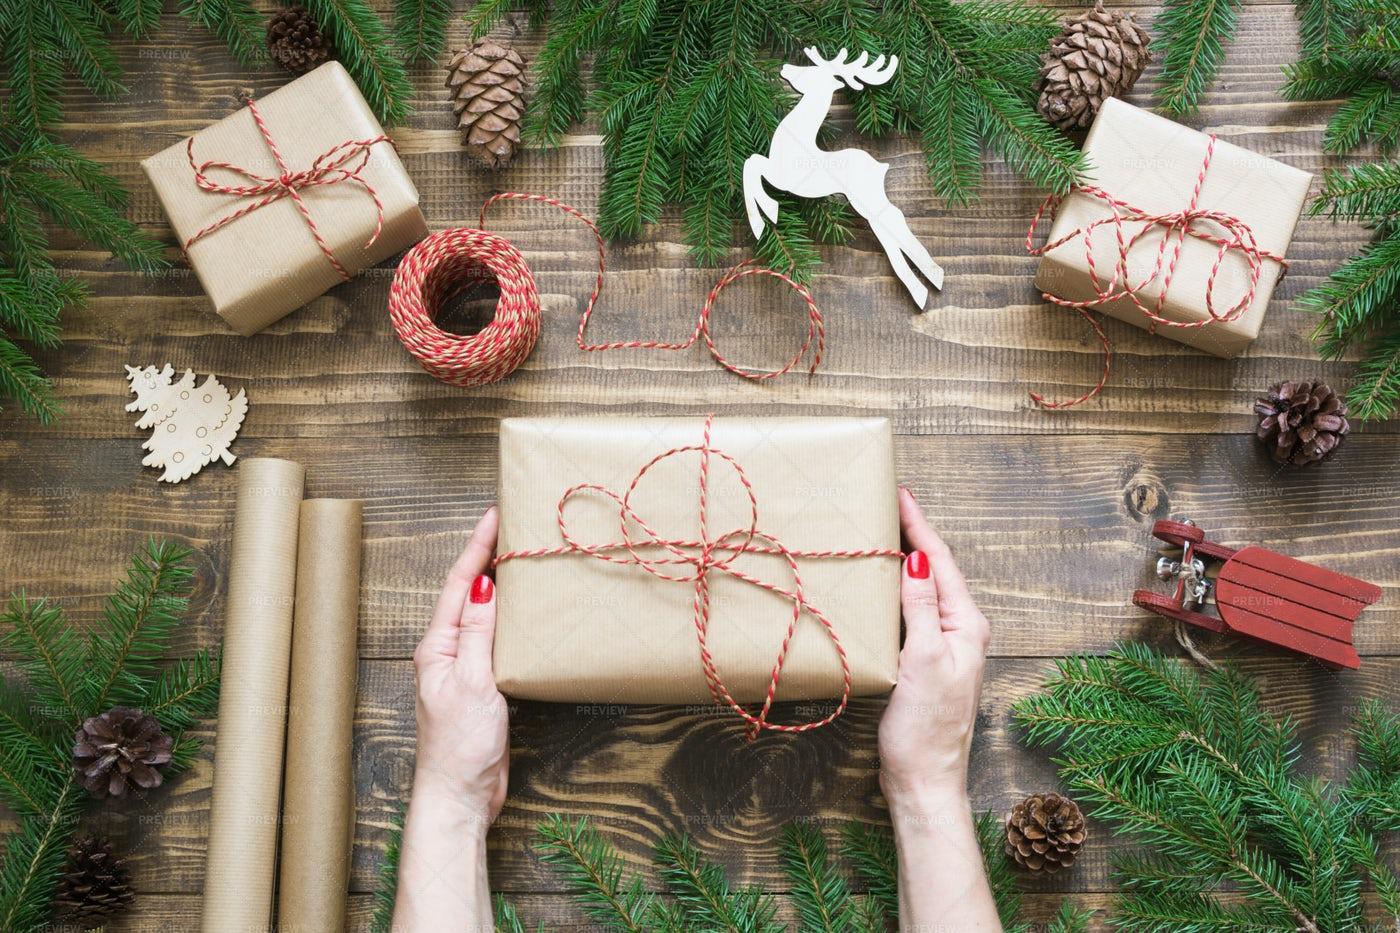 Christmas Giftbox And Presents: Stock Photos